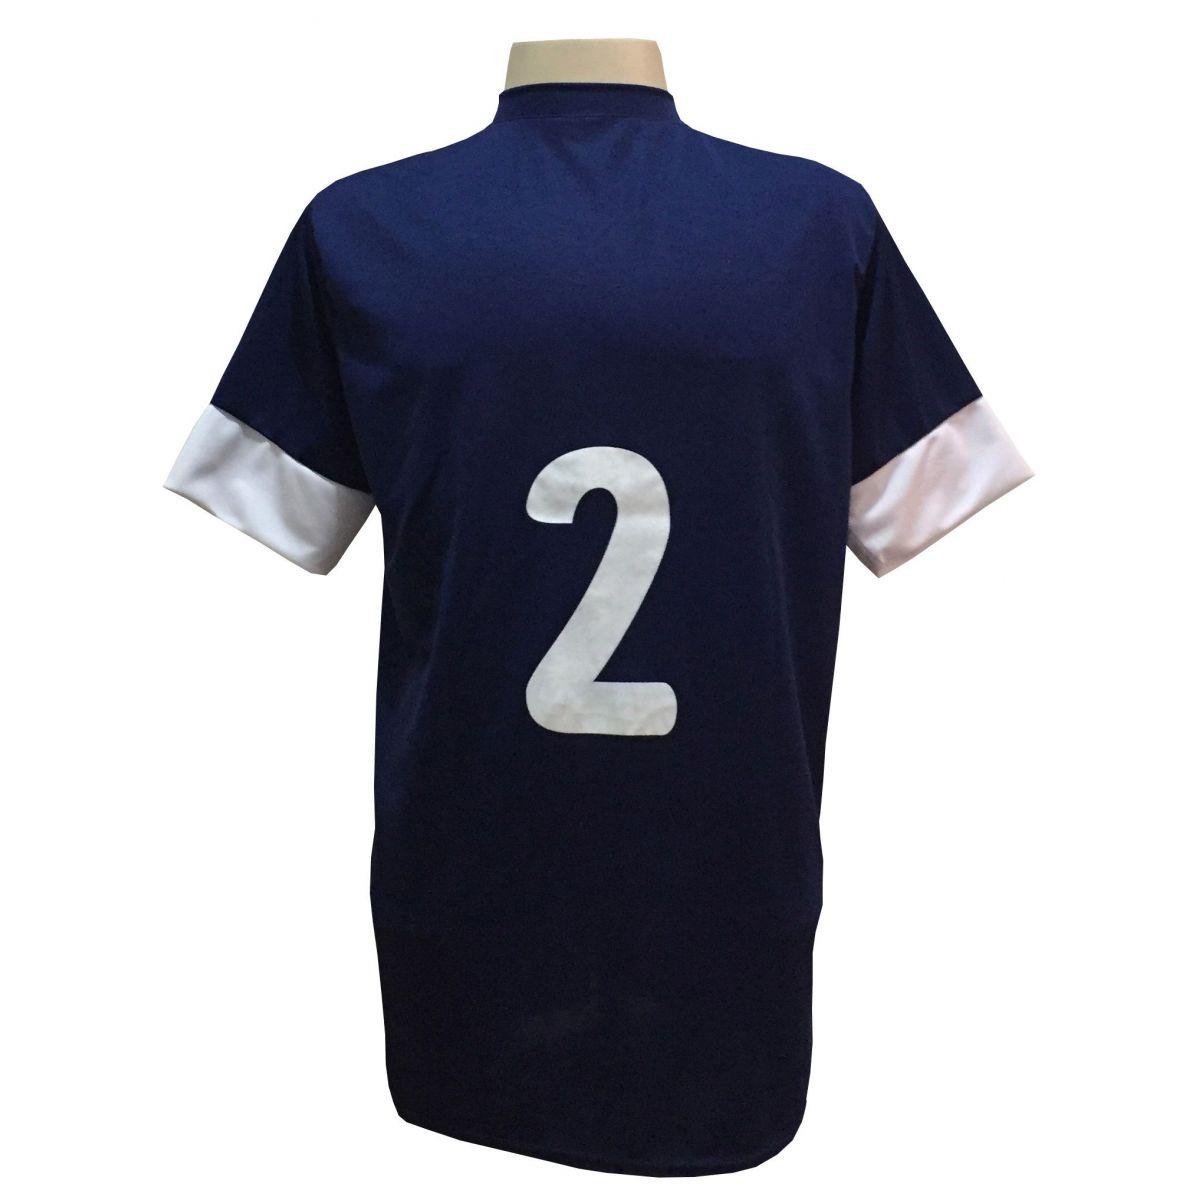 Jogo de Camisa com 18 unidades modelo Columbus Marinho/Branco + 1 Goleiro + Brindes